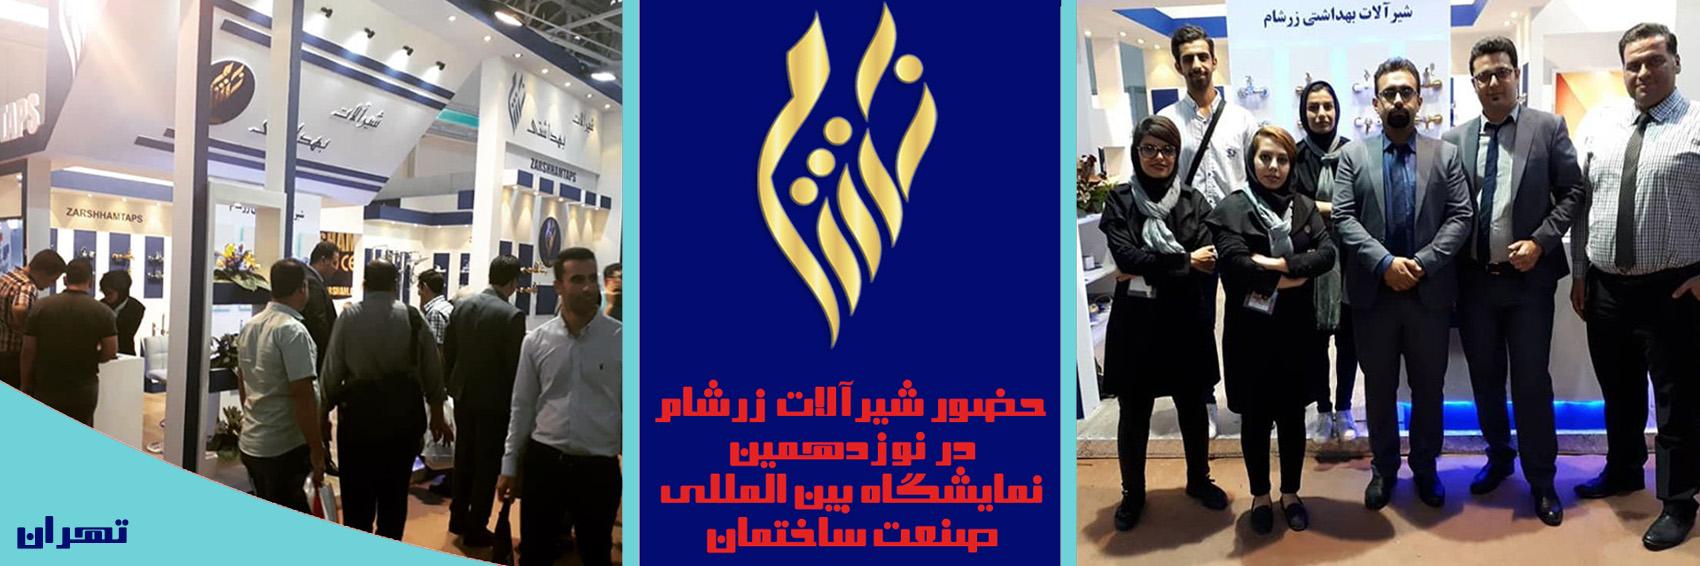 شیرآلات زرشام در نمایشگاه صنعت و ساختمان تهران